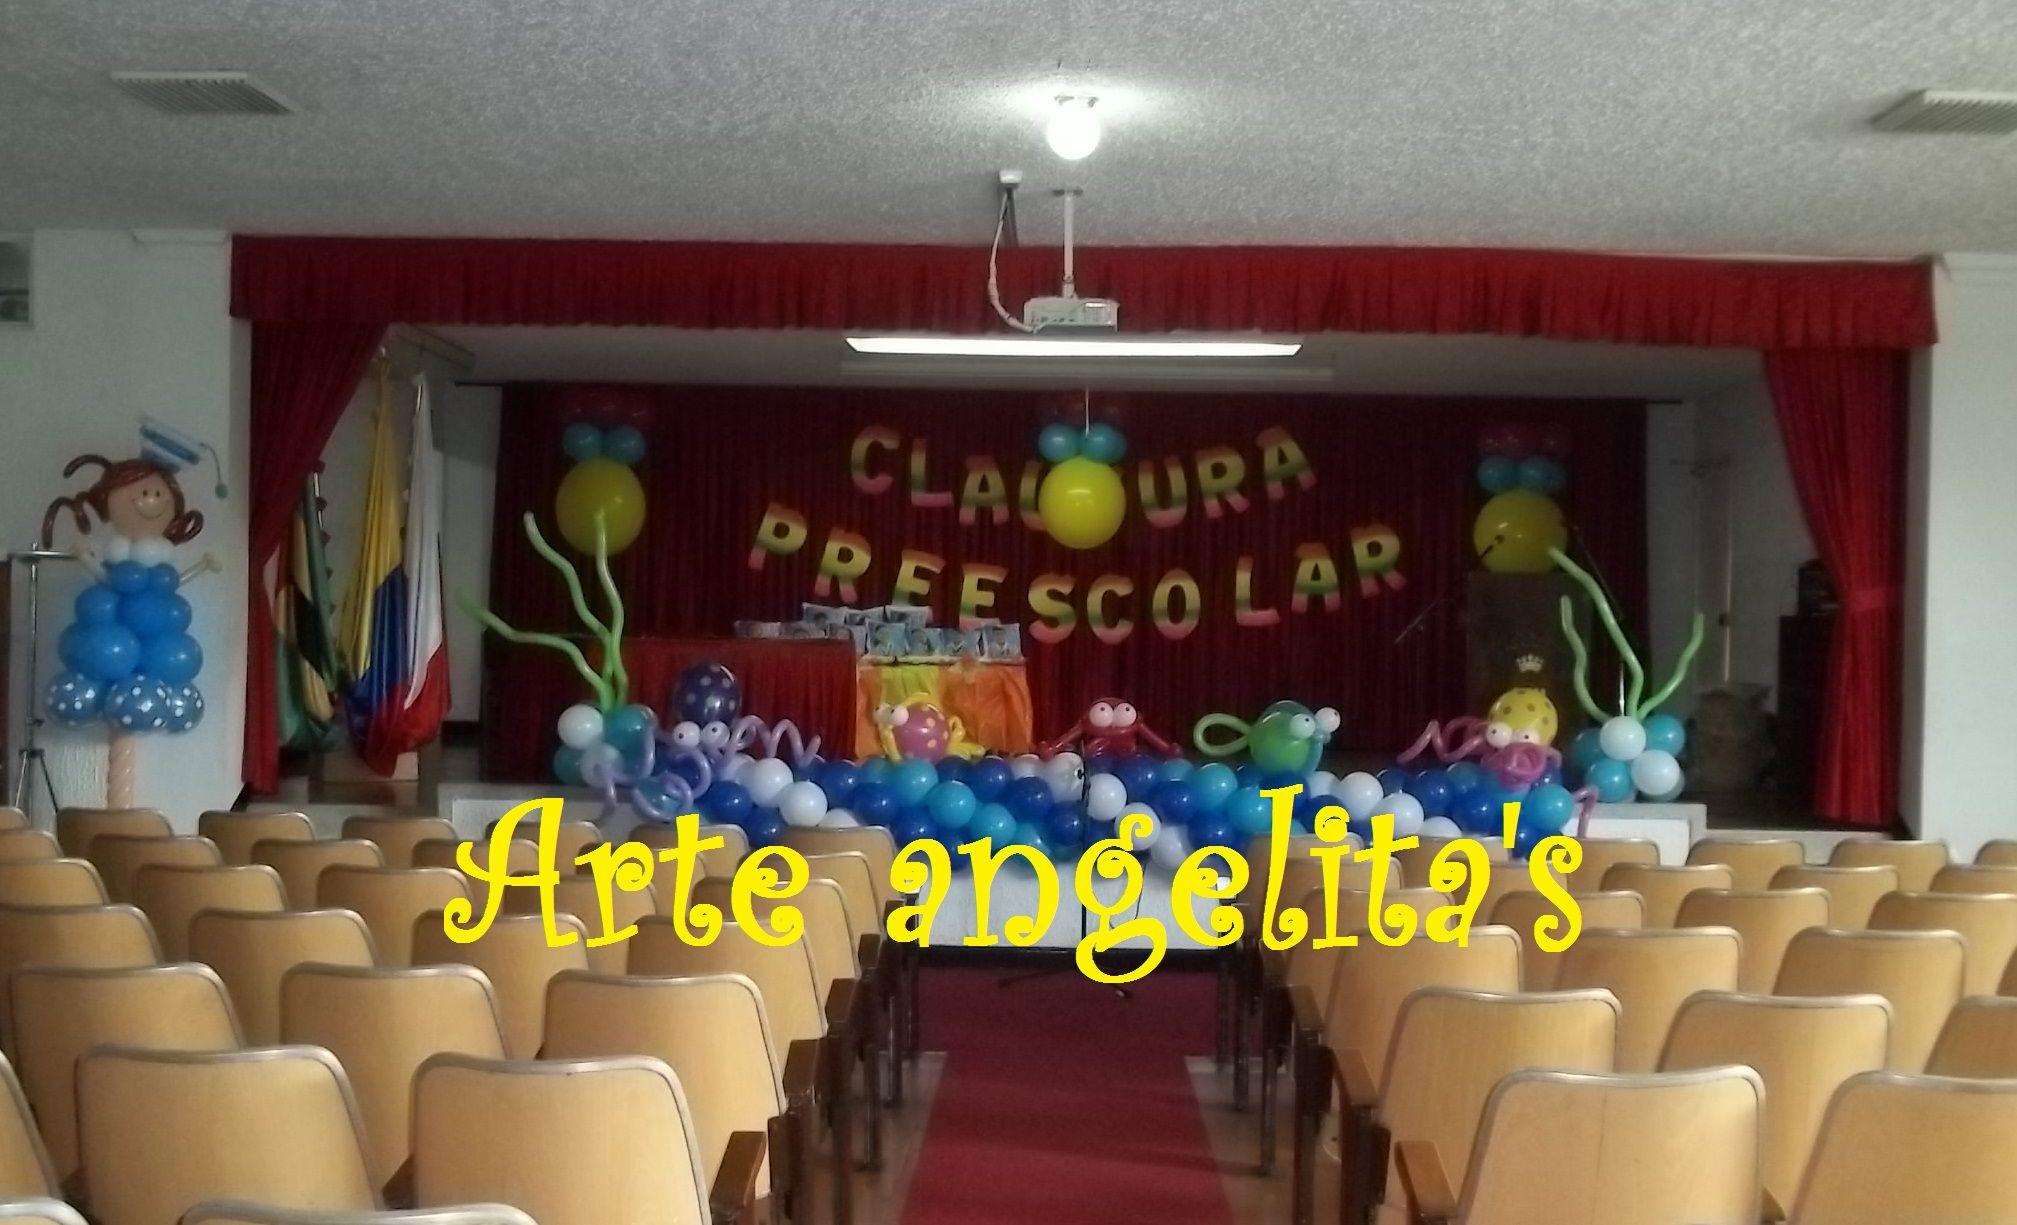 Graduacion Decoracion ~ graduacion preescolar tematica  graduacion preescolar  Pinterest